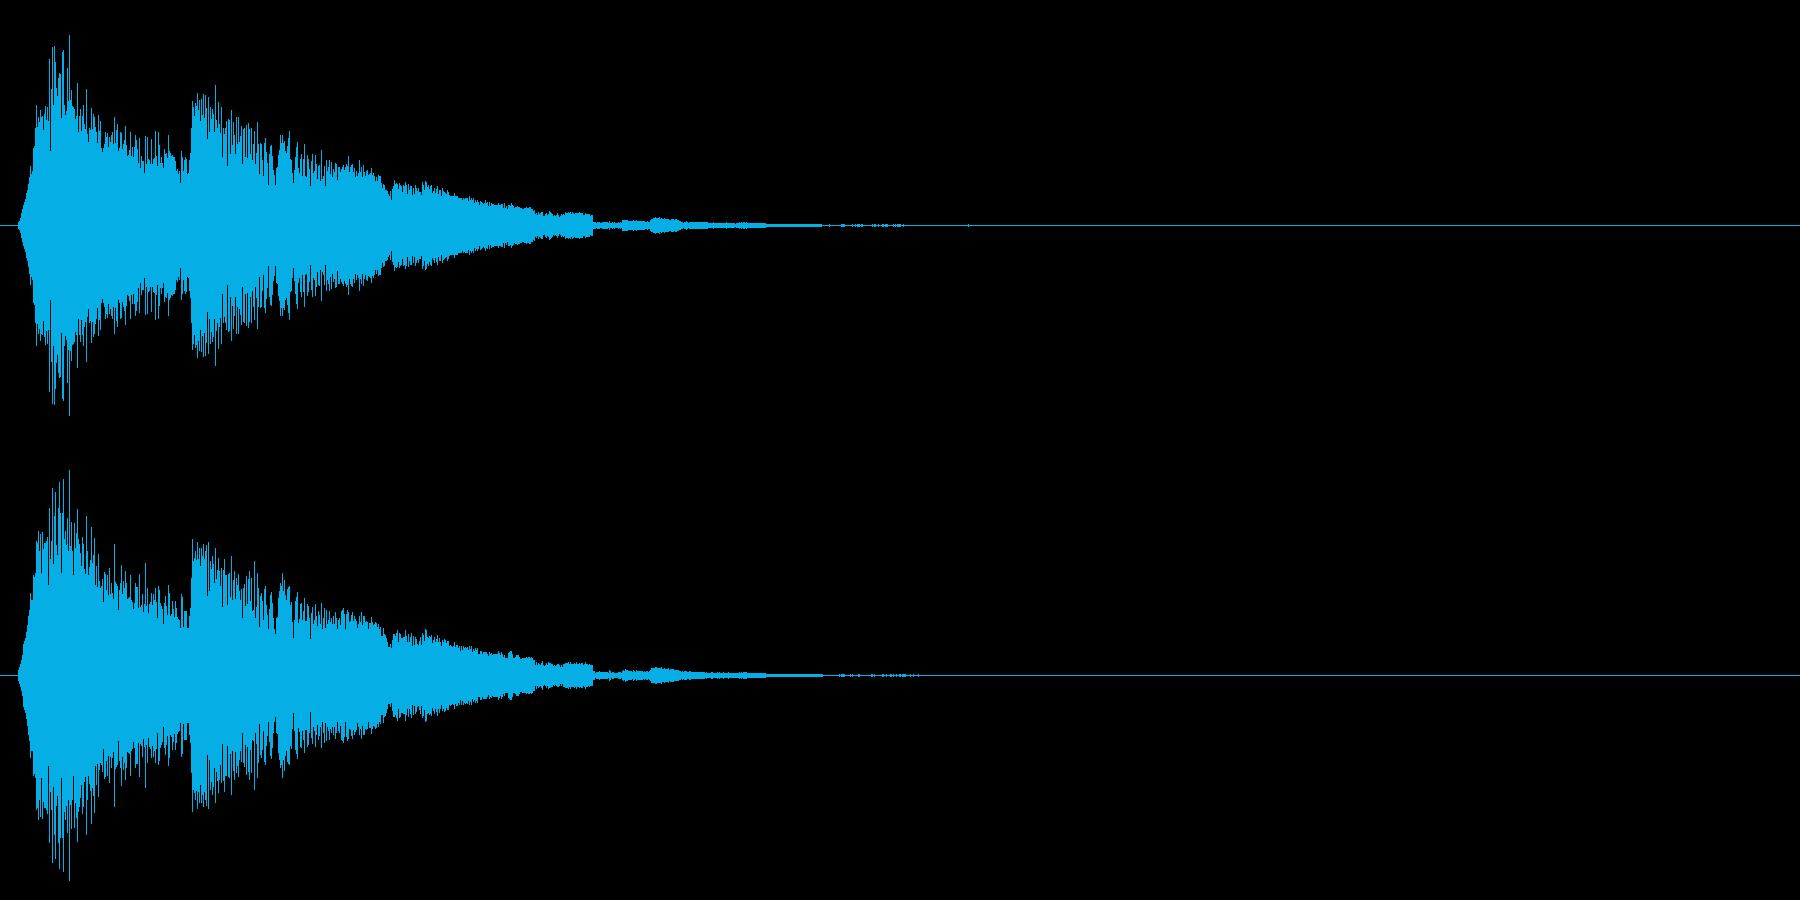 タッチ音/キラキラ/アプリの再生済みの波形